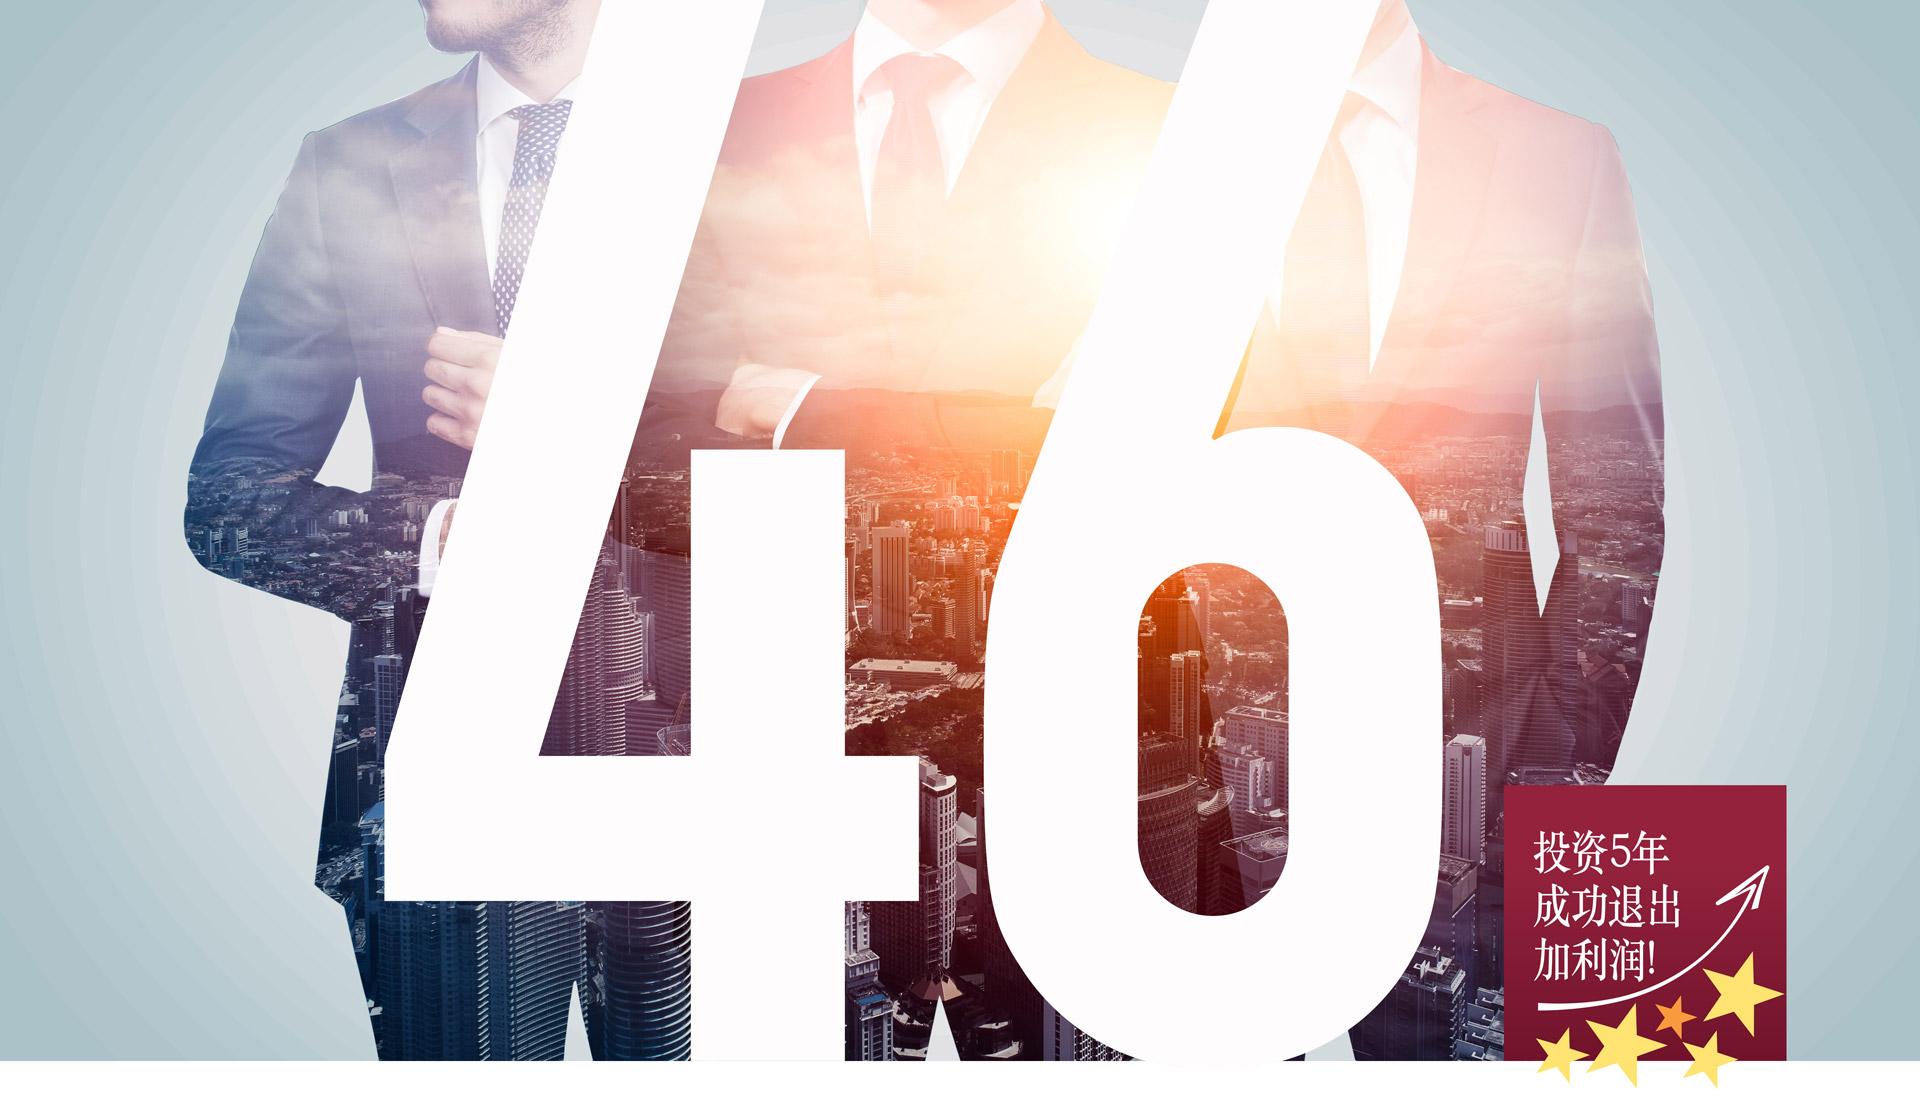 YK第46位投资人移民成功并收回投资